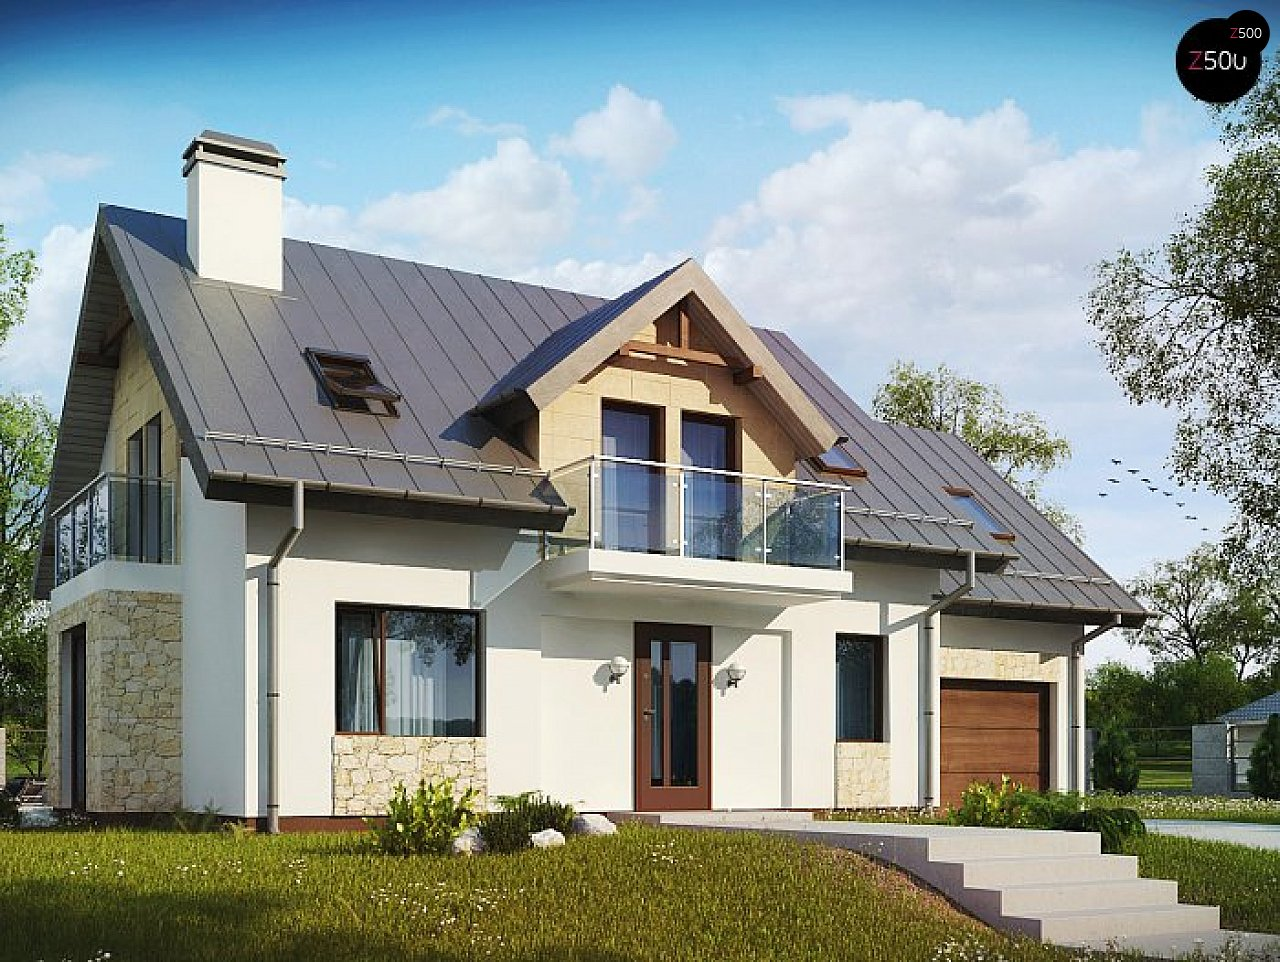 Версия мансардного дома Z263 с увеличением гаража - фото 1